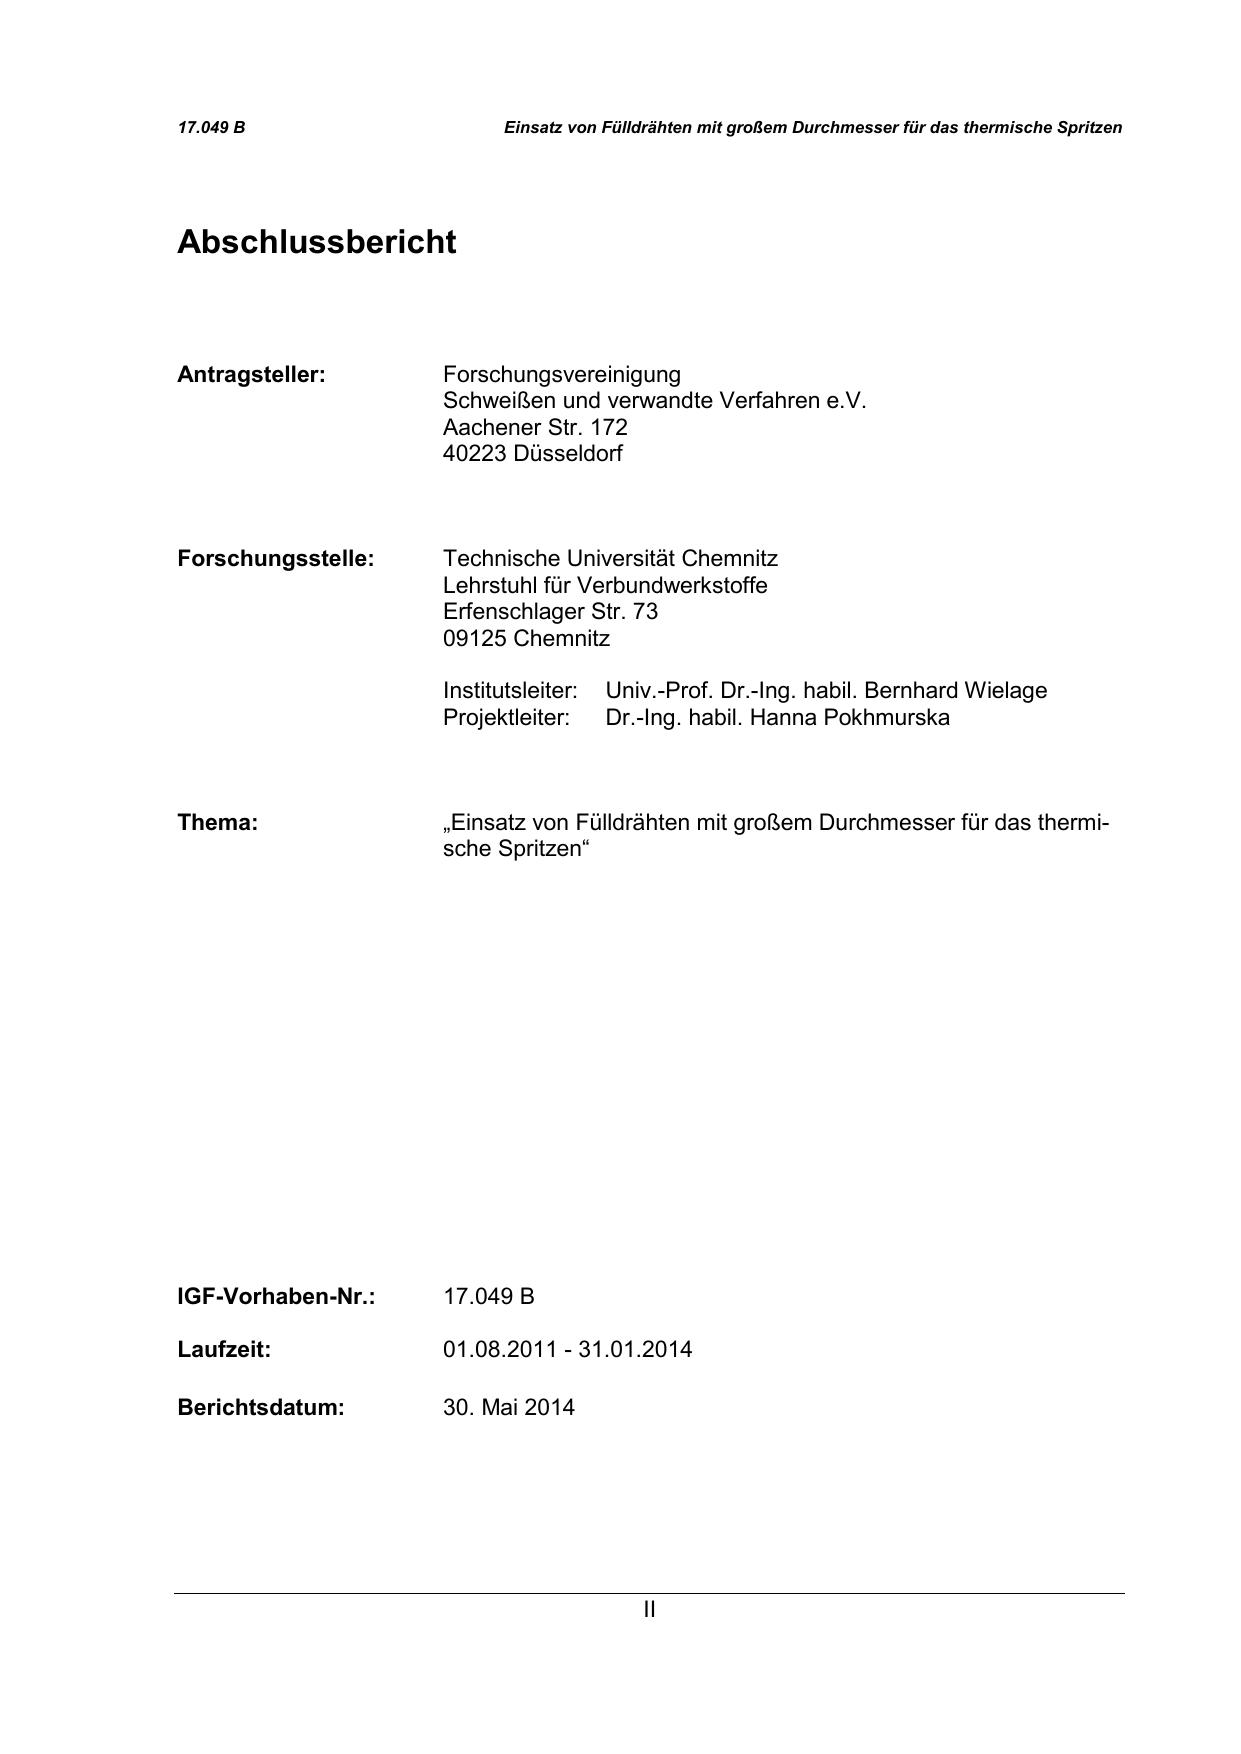 Link - Technische Universität Chemnitz   manualzz.com